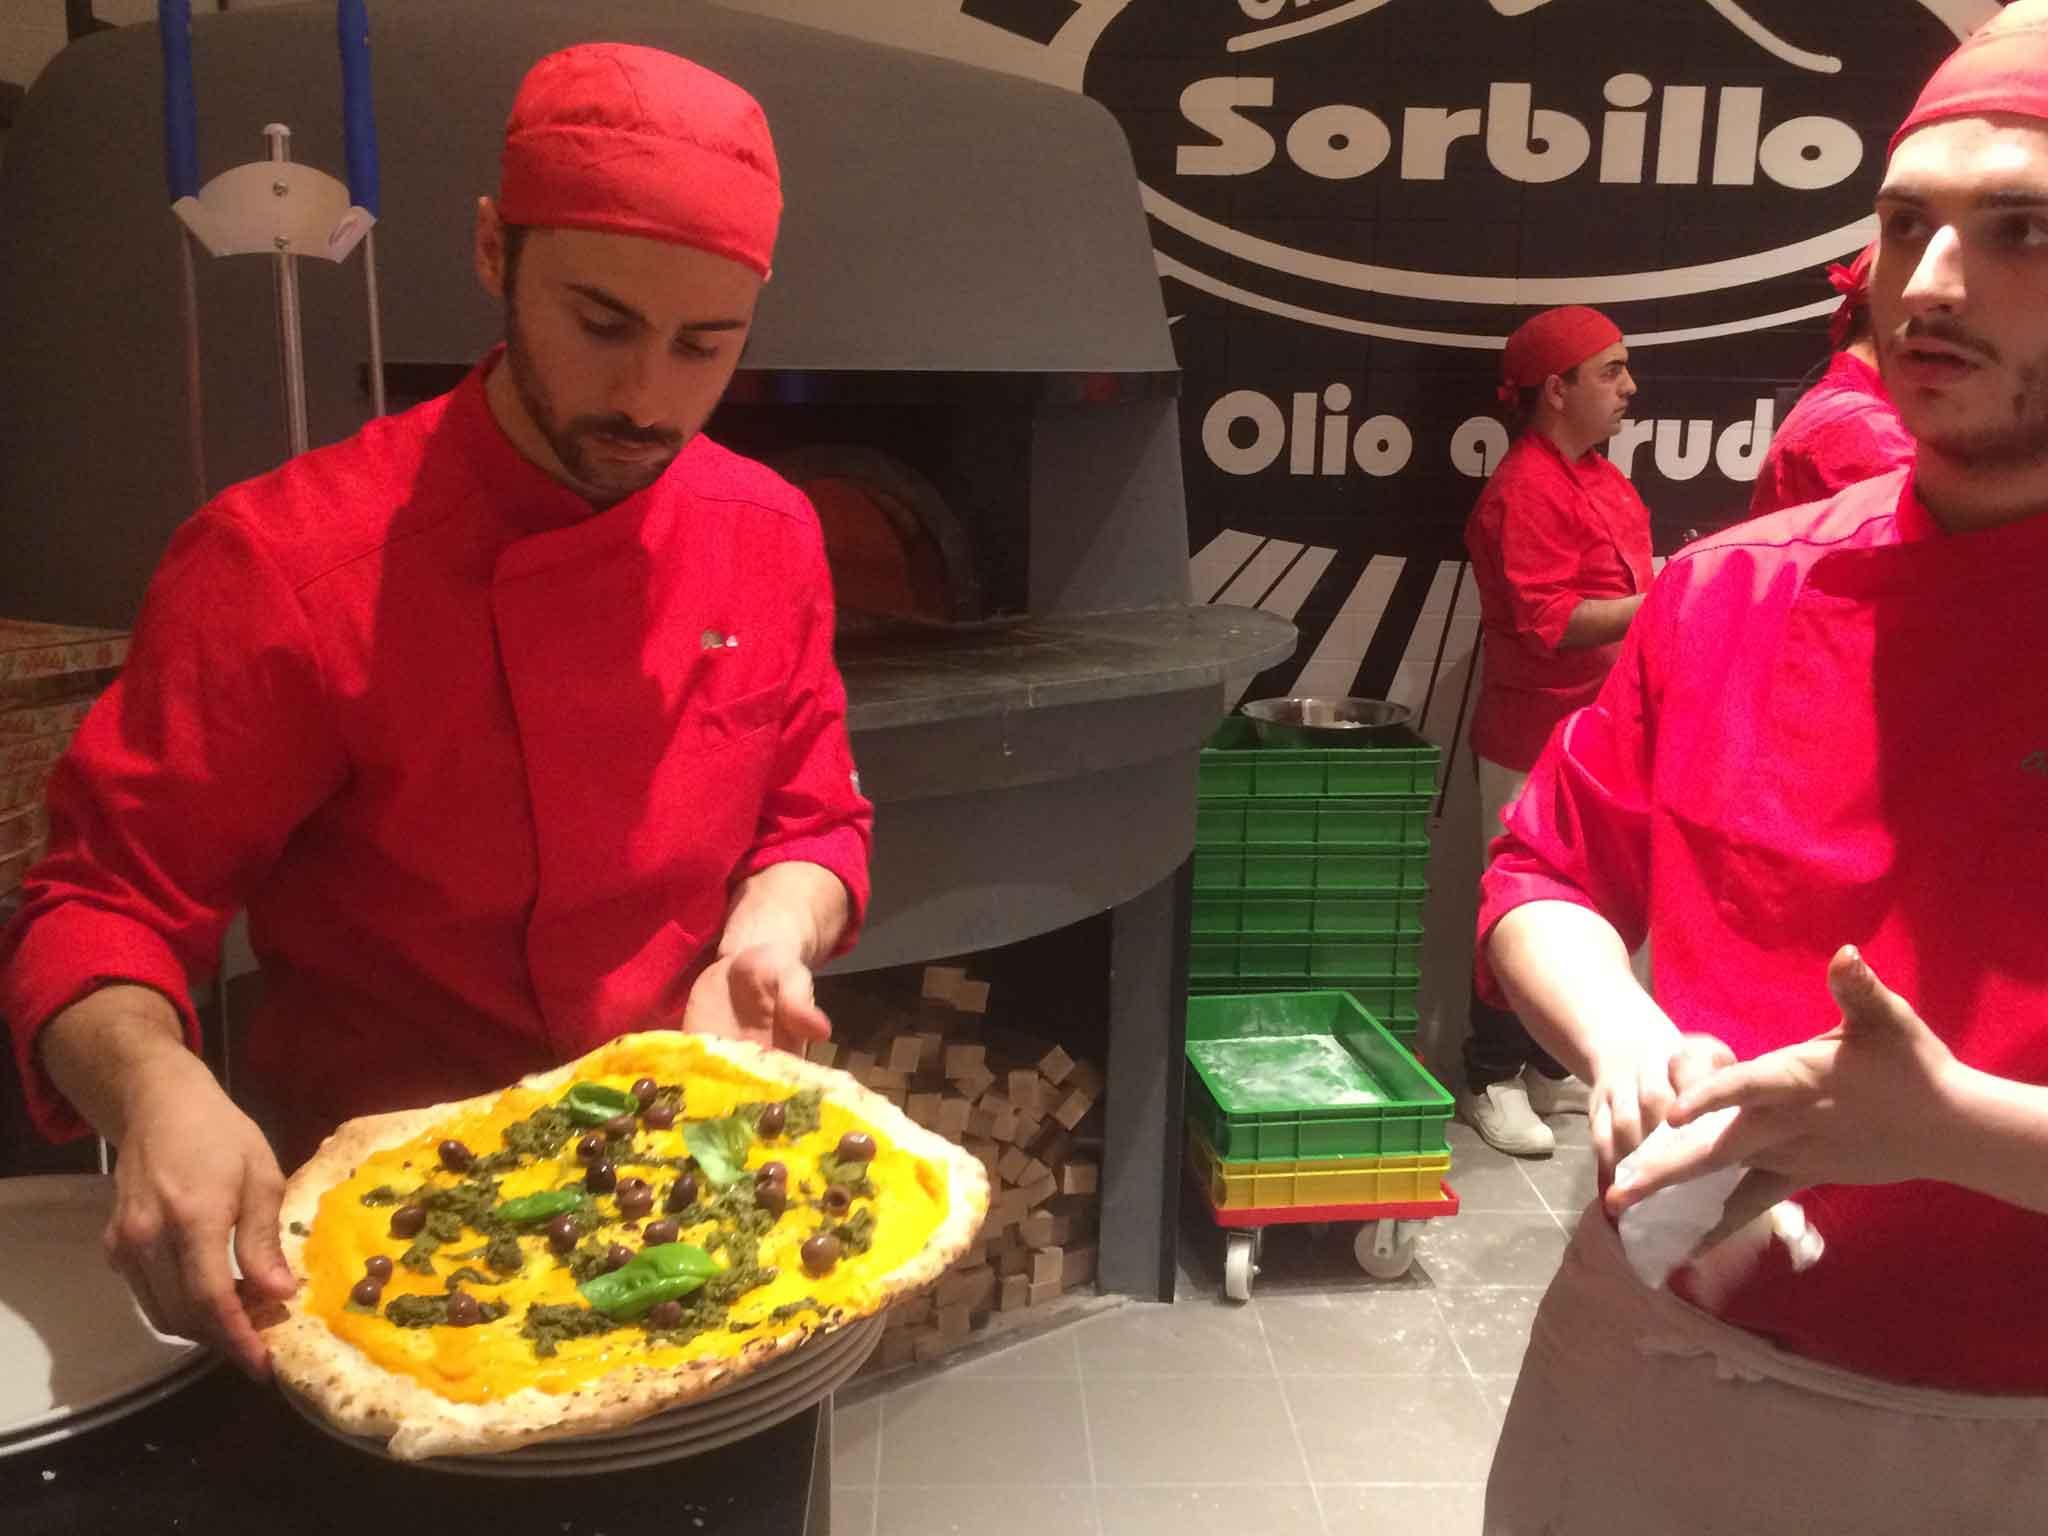 sorbillo-olio-a-crudo-pizzaioli-5